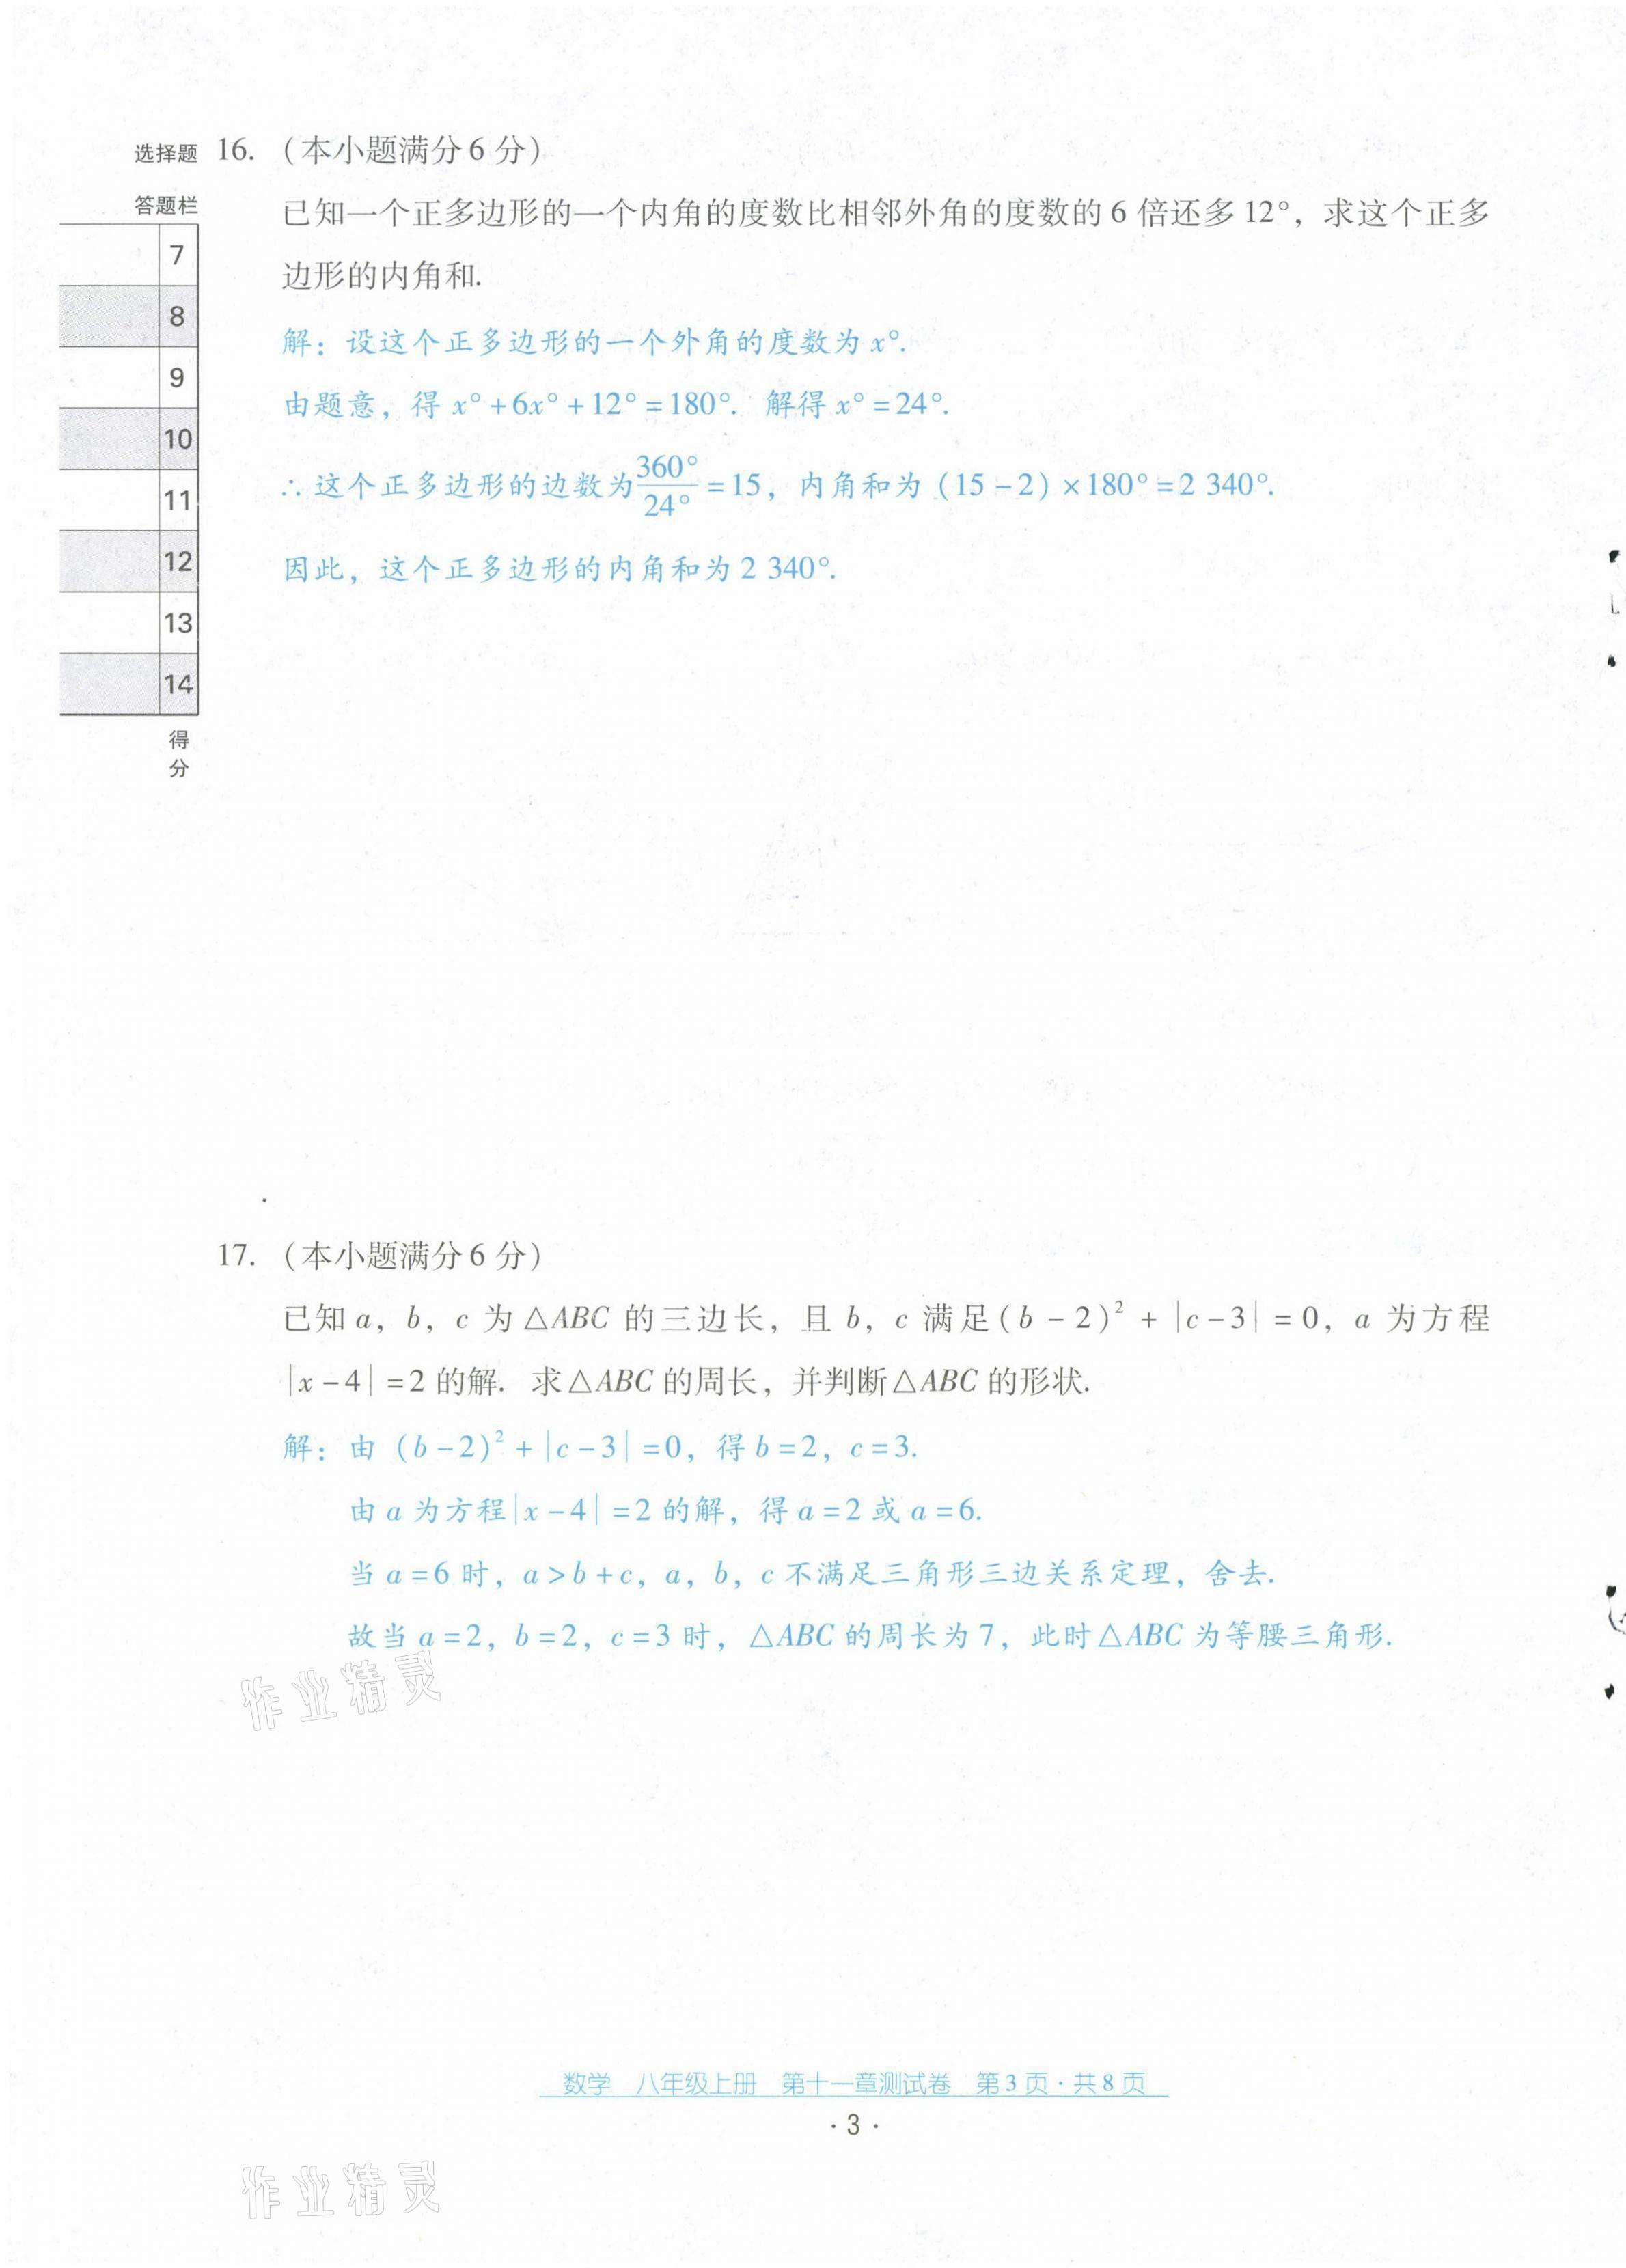 2021年云南省标准教辅优佳学案配套测试卷八年级数学上册人教版第3页